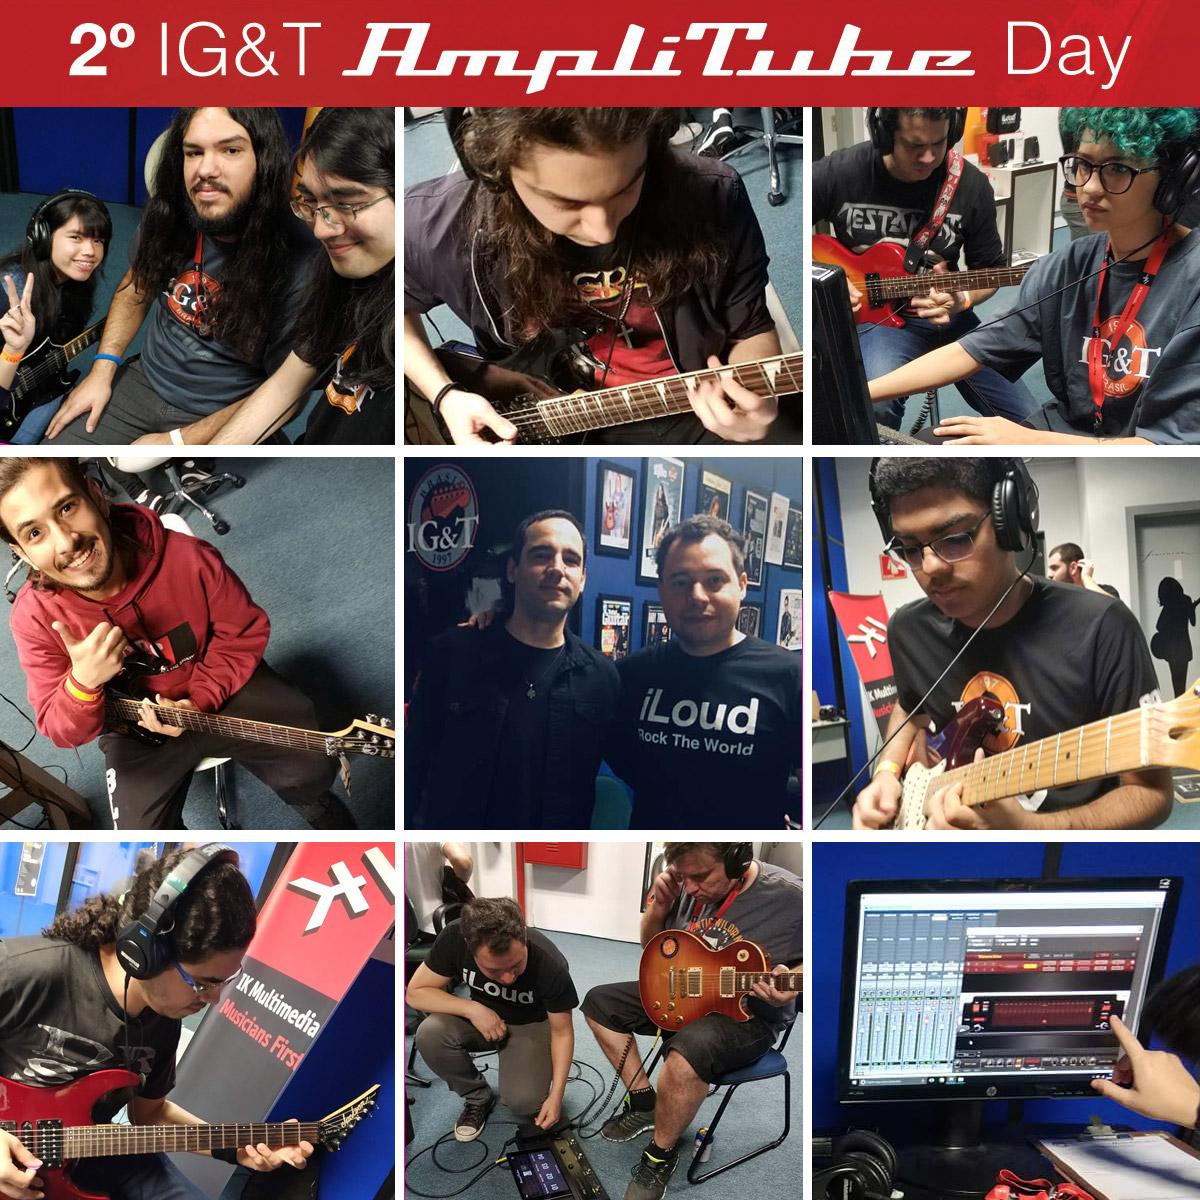 O 2º IG&T Amplitube Day foi um sucesso!